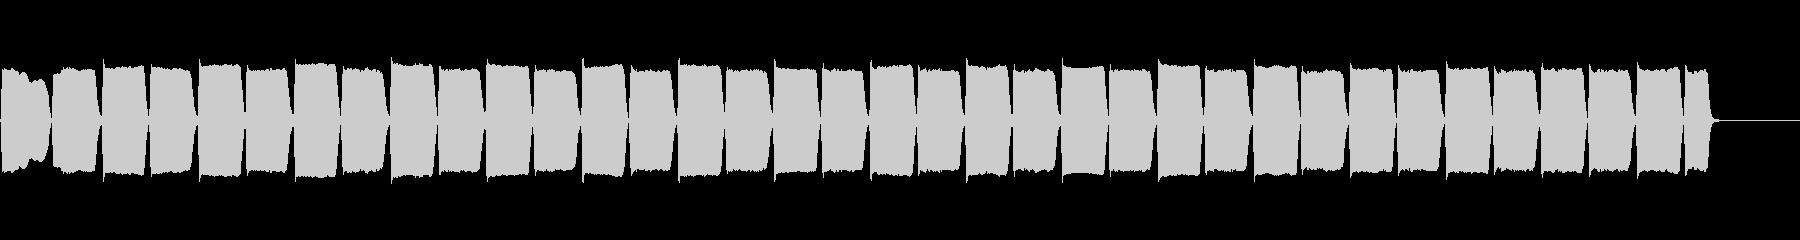 サイレン、オールド、ファイアートラ...の未再生の波形